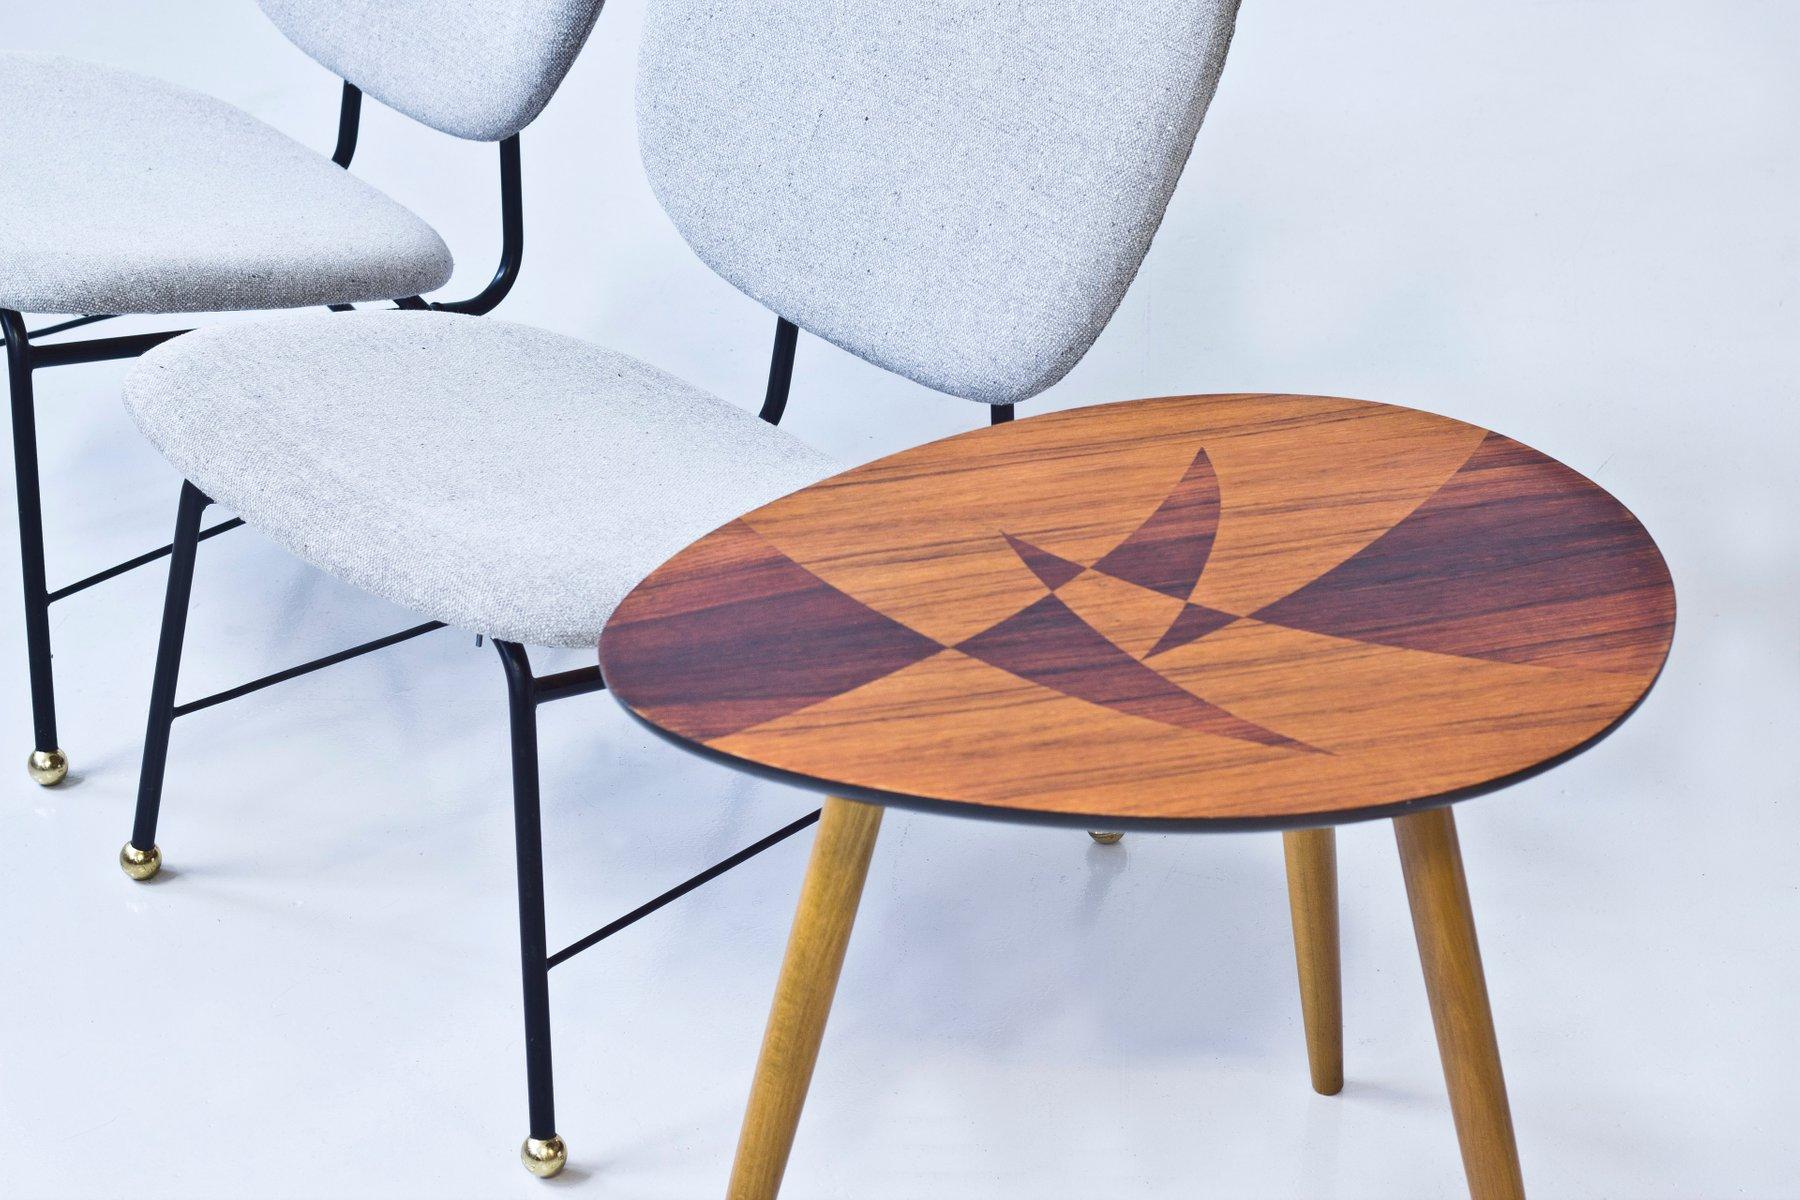 Schwedischer Tisch mit Geometrische Marketerie, 1950er bei Pamono kaufen